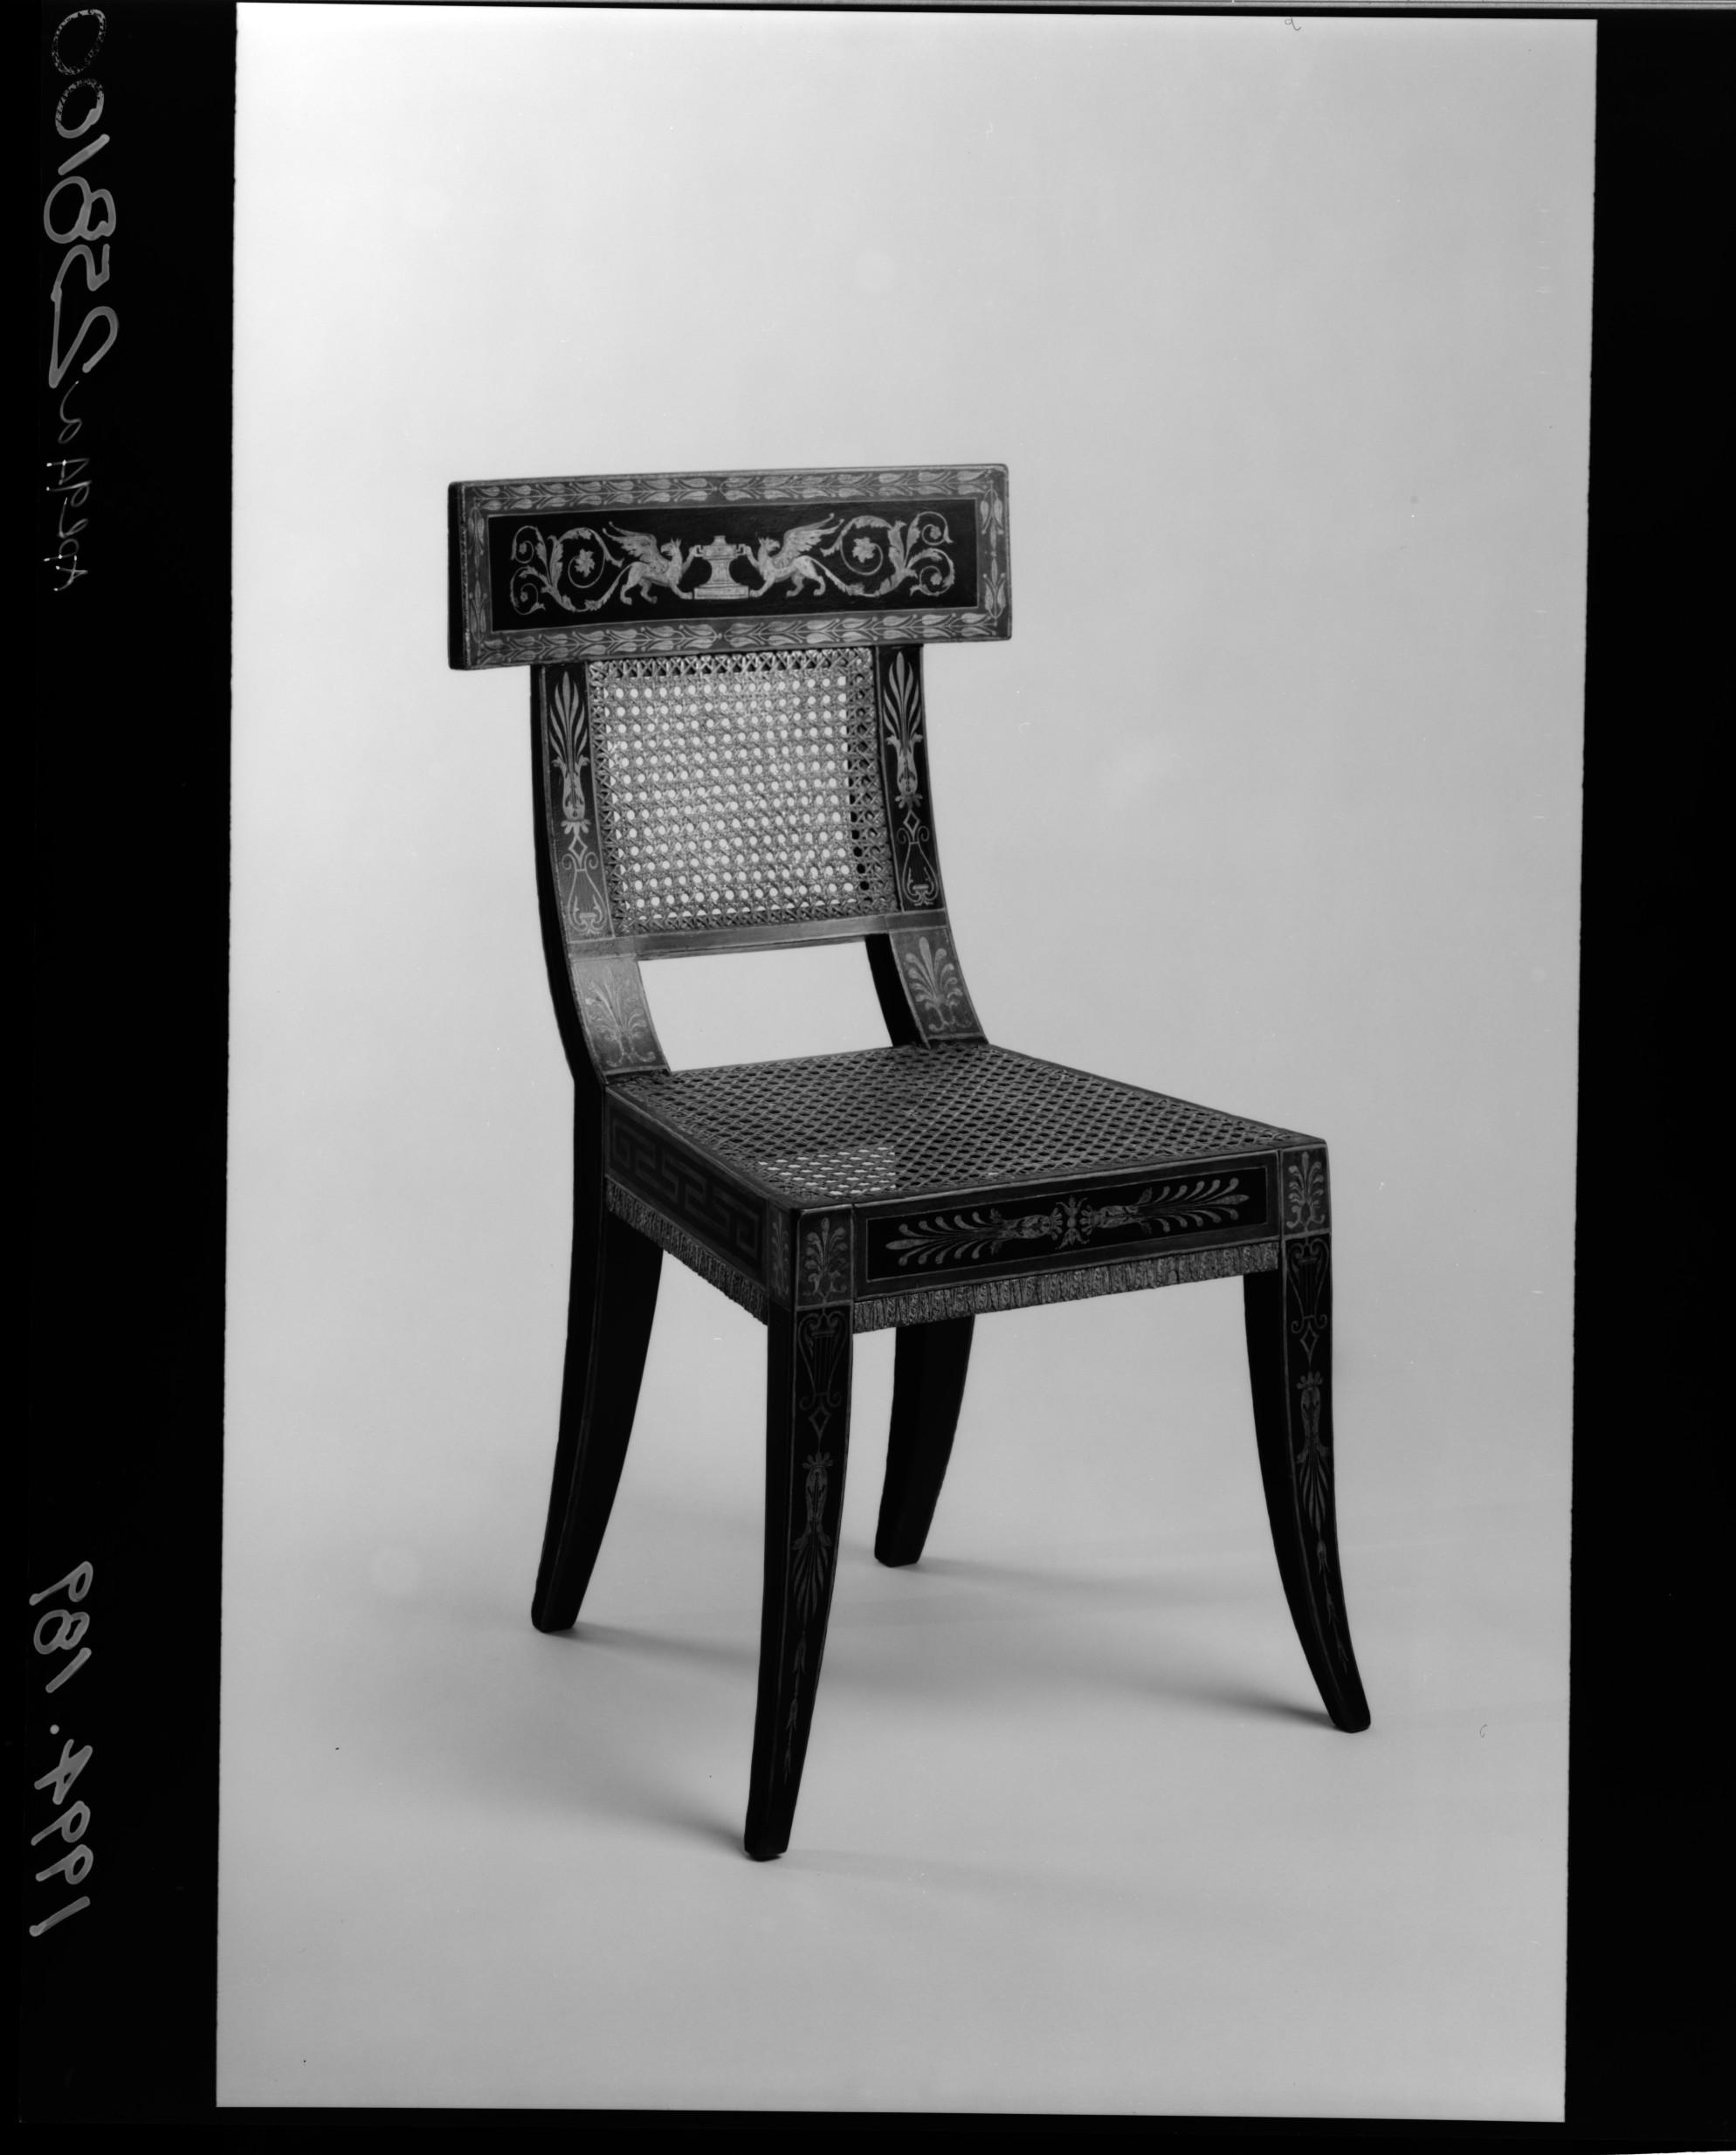 File:Side Chair MET 258100 jpg - Wikimedia Commons